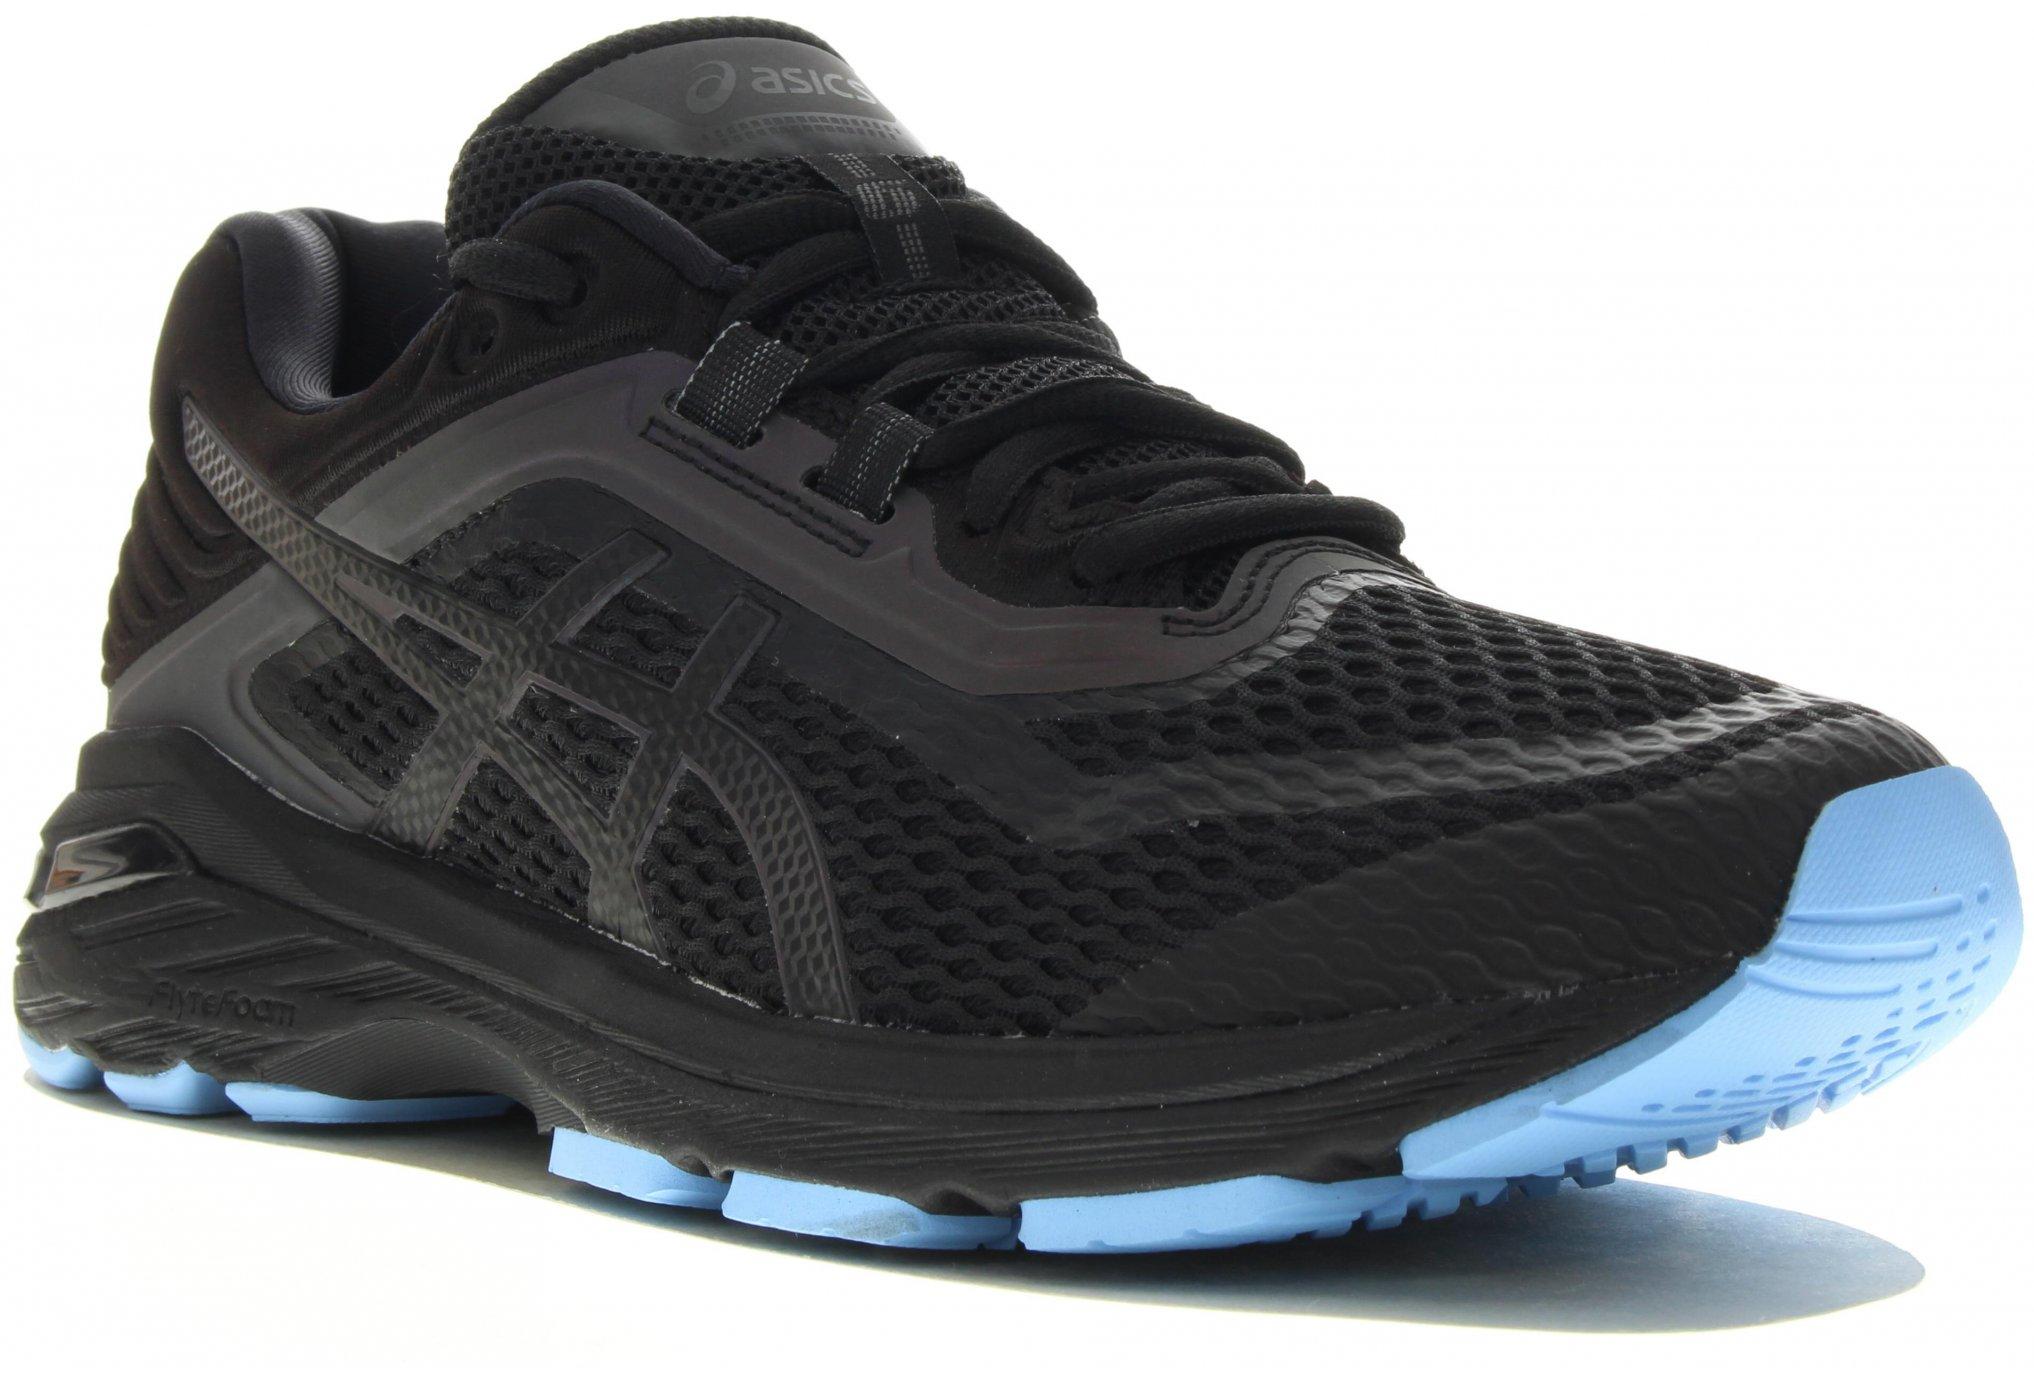 Asics GT-2000 6 Expert W Chaussures running femme